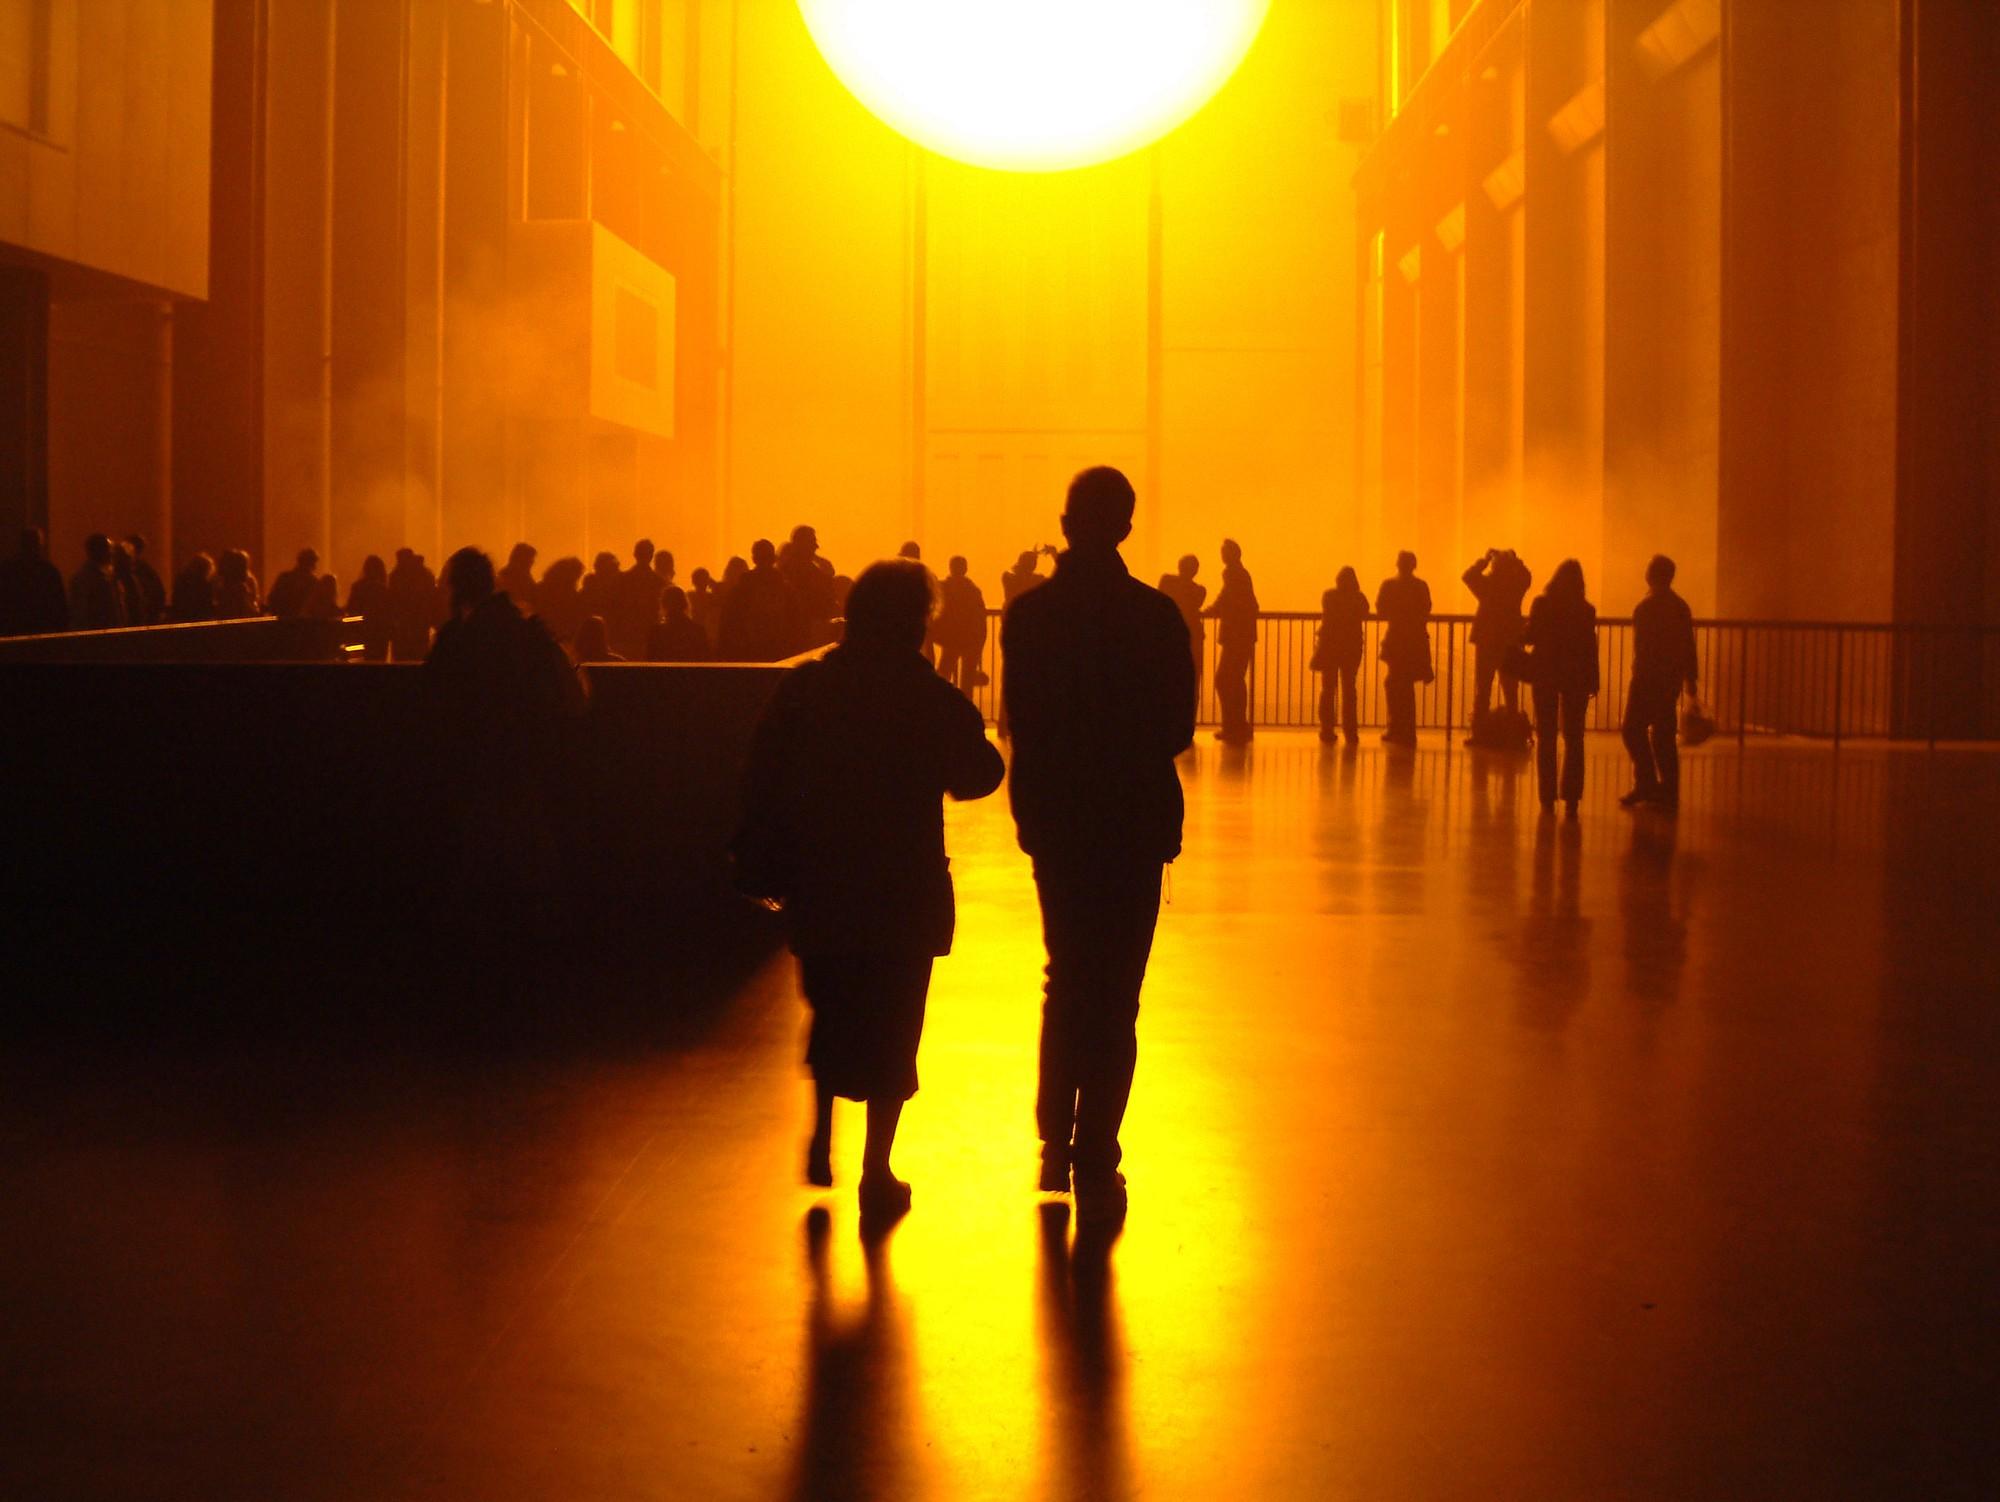 Olafur Eliasson.  The Weather Project , 2003, instalación en el Turbie Hall, Tate Modern, Londres. Fotografía: Estudio Olafur Eliasson Cortesía del artista: neugerriemschneider, Berlín: y Tanya Bonakdar, Nueva York. © Olafur Eliasson 2003